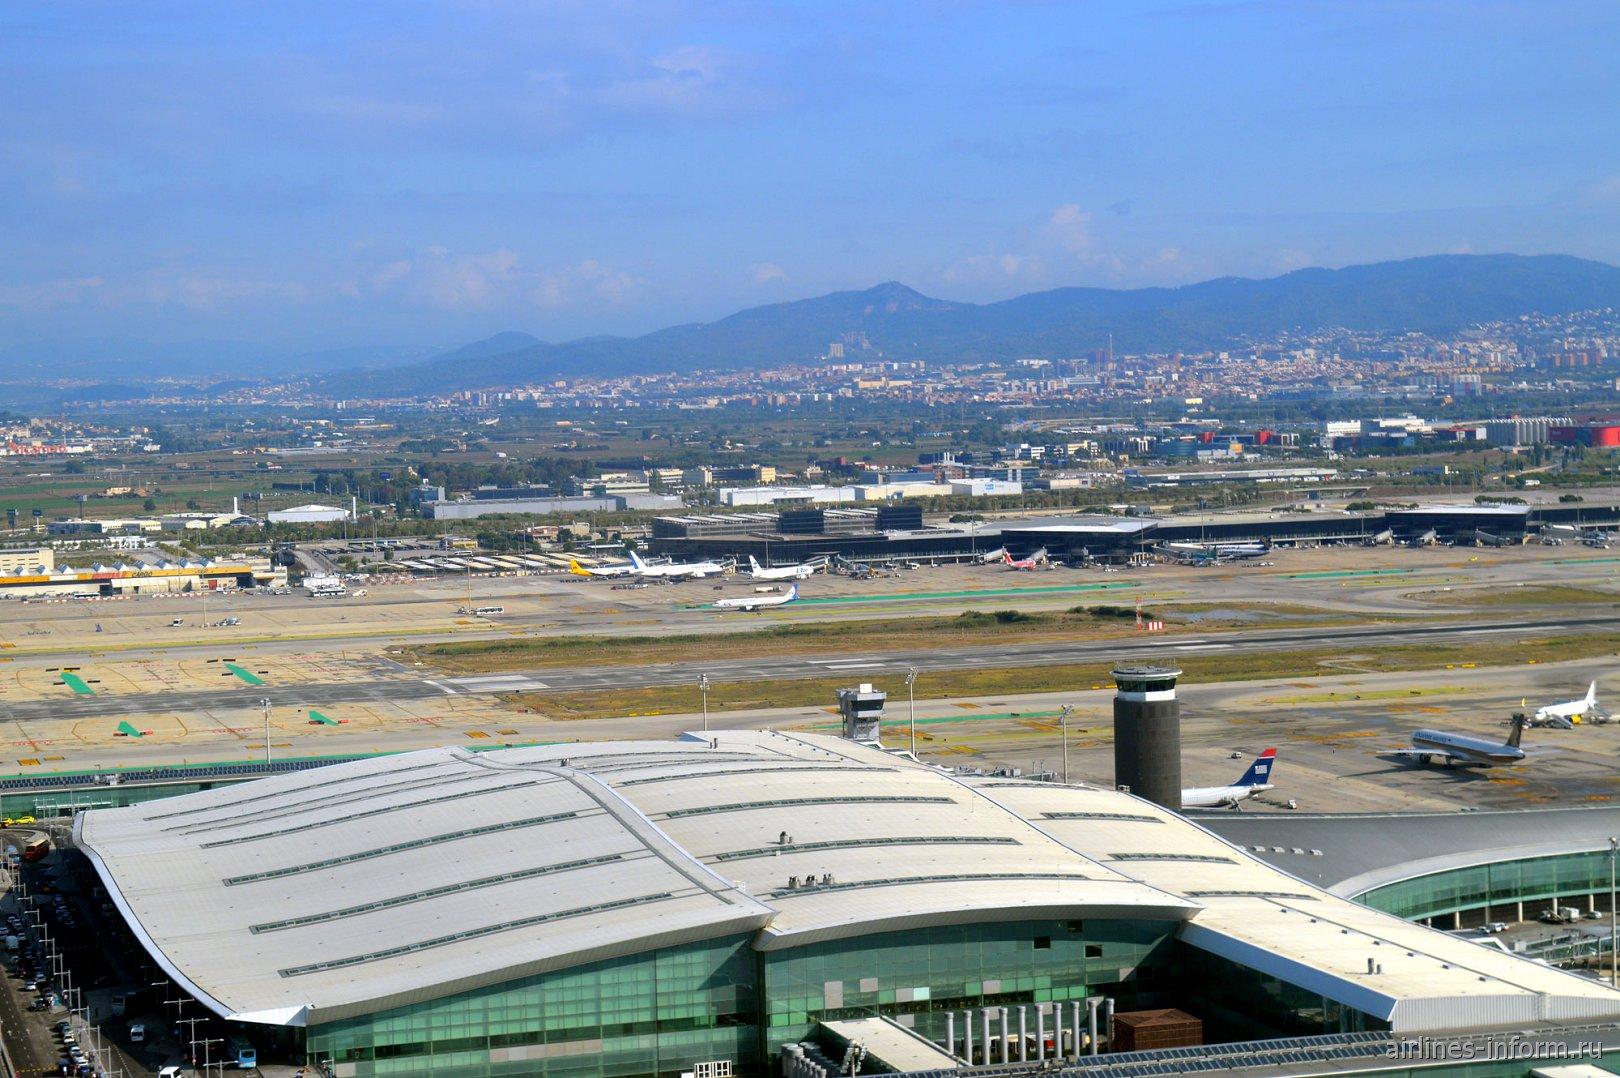 Взлет над аэропортом Эль-Прат в Барселоне